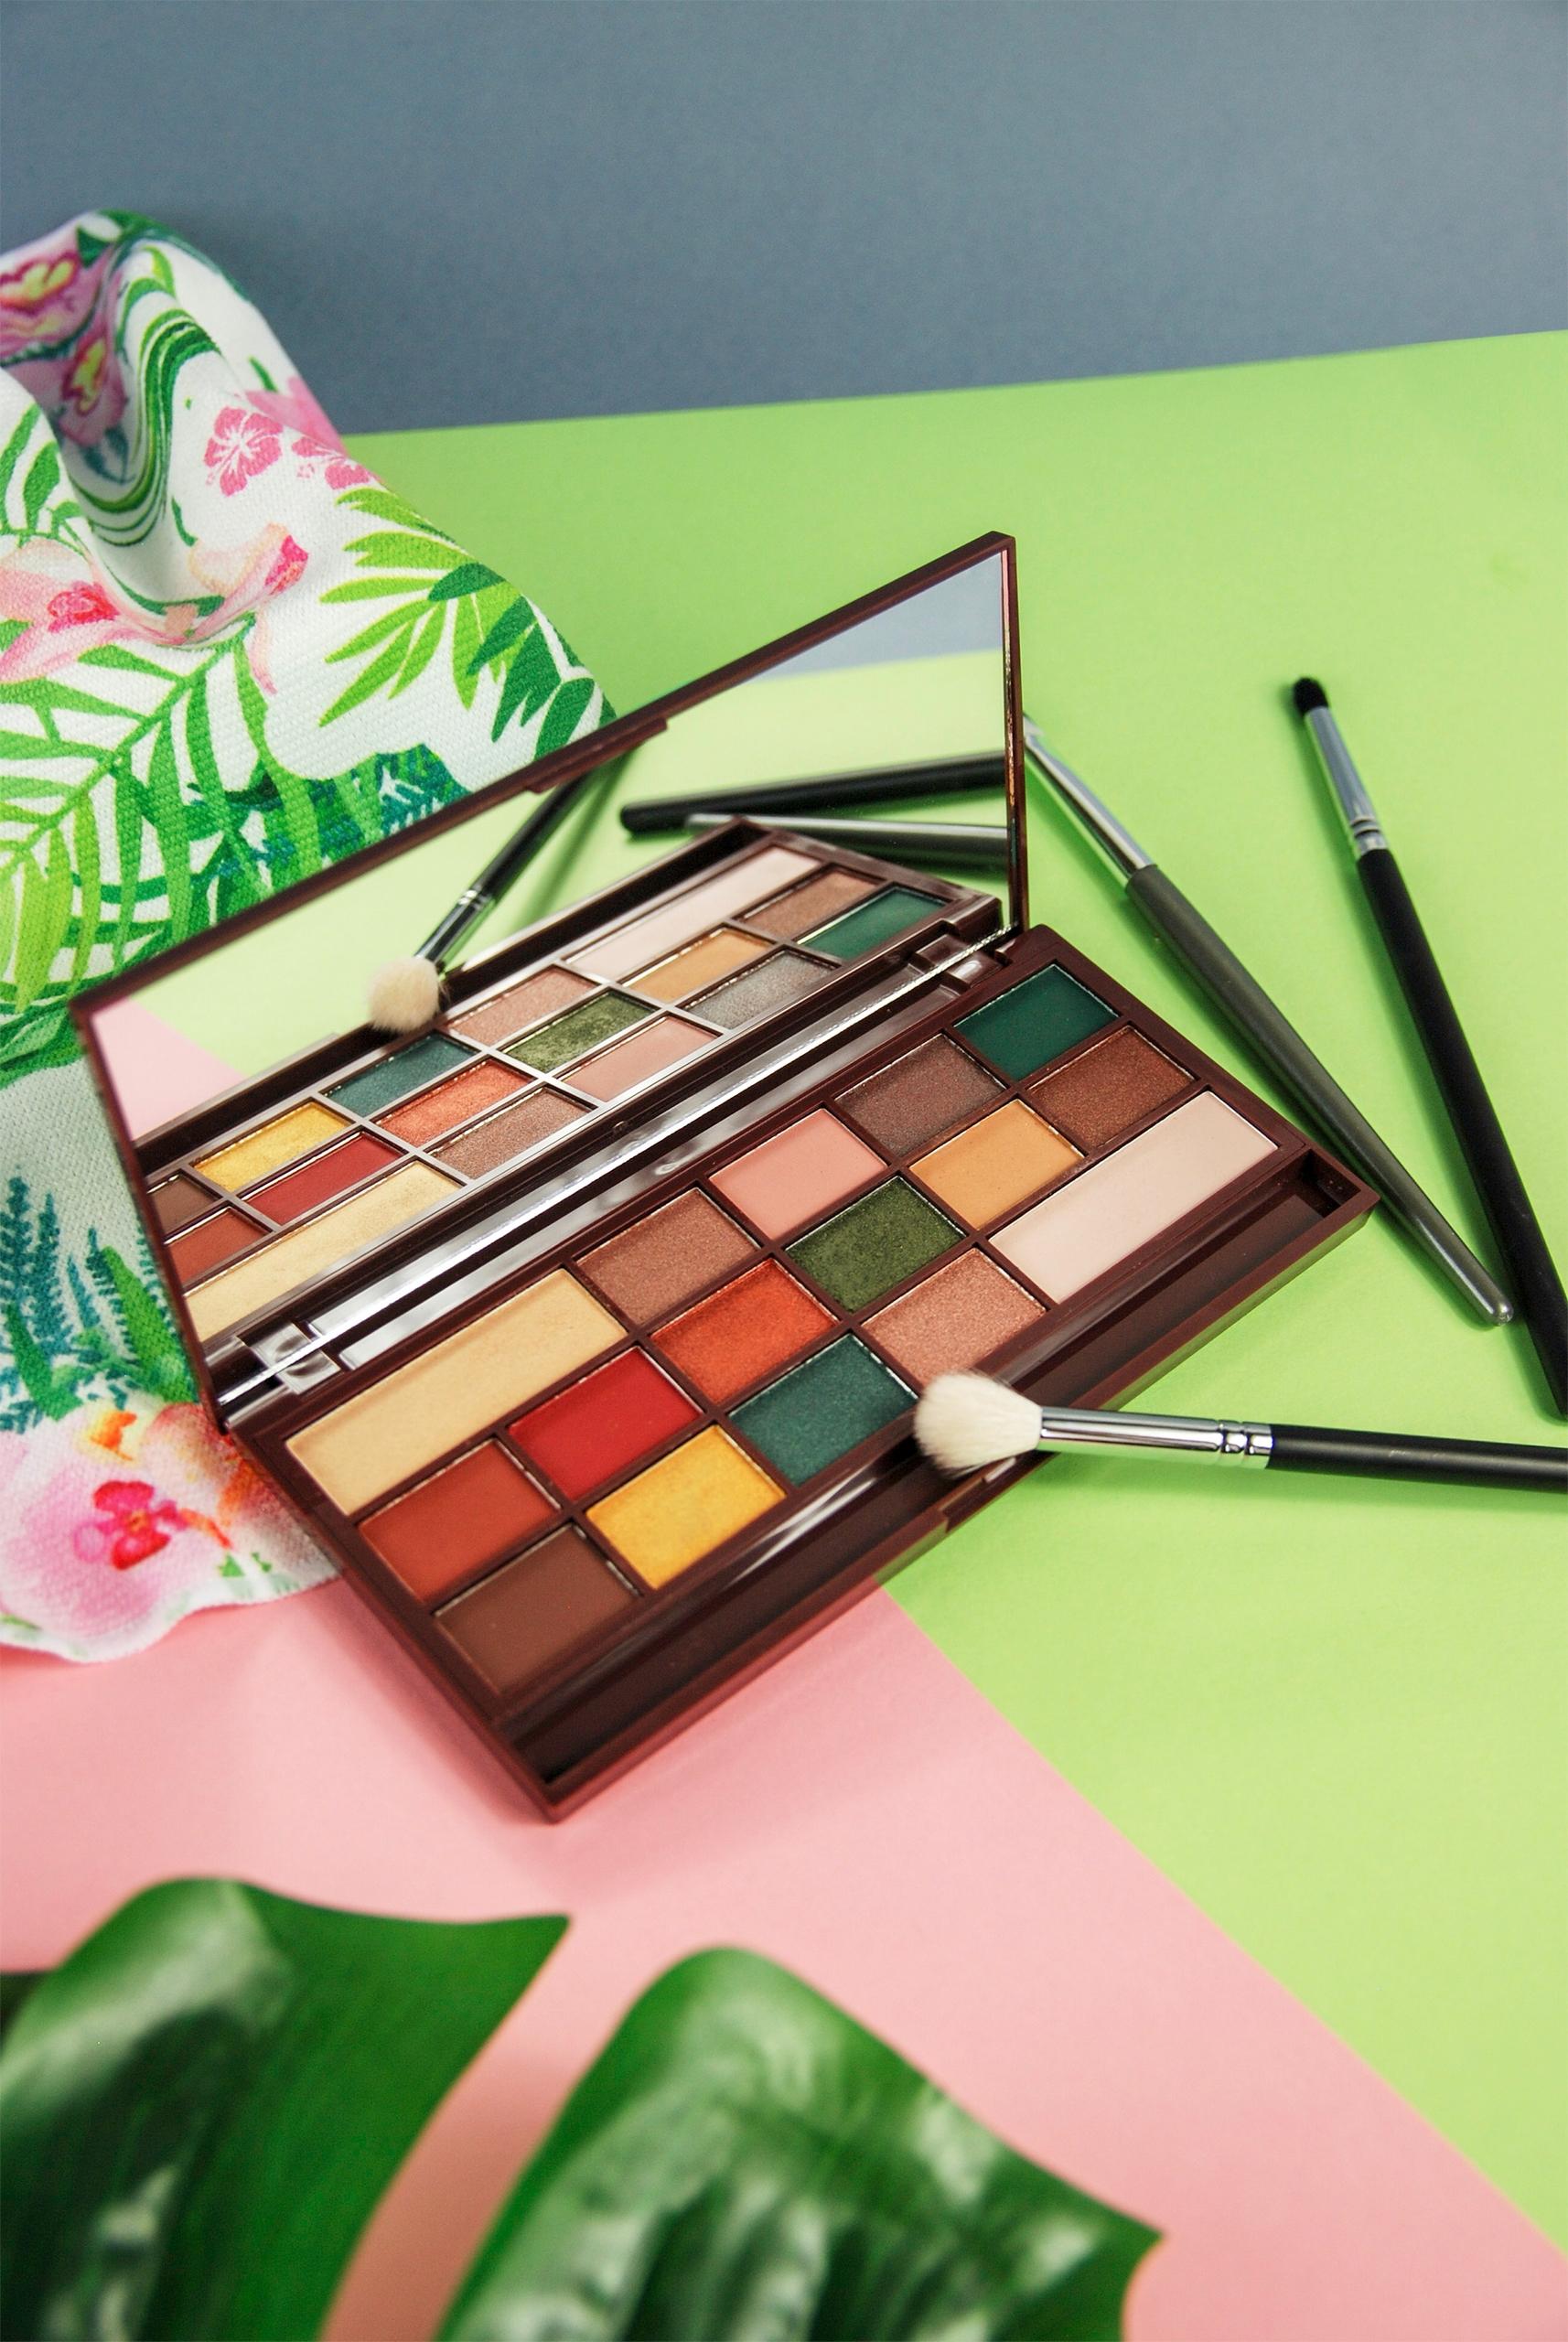 Zdjęcie przedstawia otwartą paletę z cieniami do makijażu oczu, obok leżą pędzle kosmetyczne, biała tkanina w kolorowe kwiaty, liść.